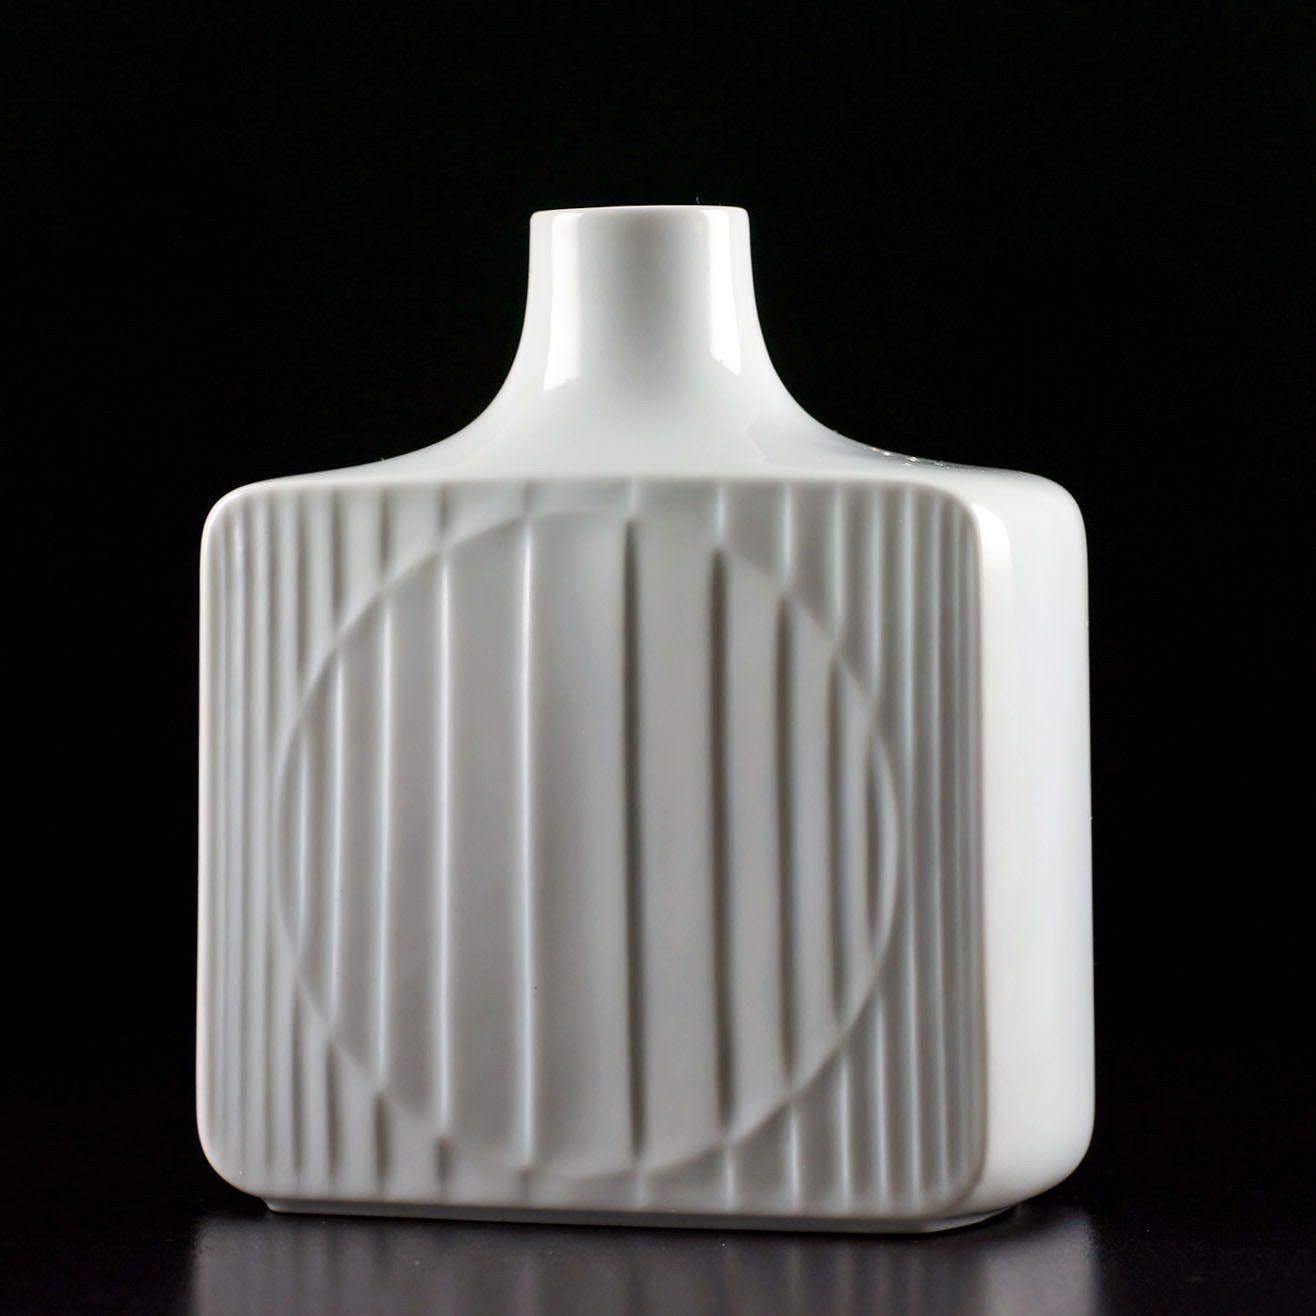 Furstenberg Vintage Retro 60er Jahre Op Art Vasarely Porzellan Vase Flaschenform Ebay With Images Vintage Vases West German Pottery Art Deco Inspired